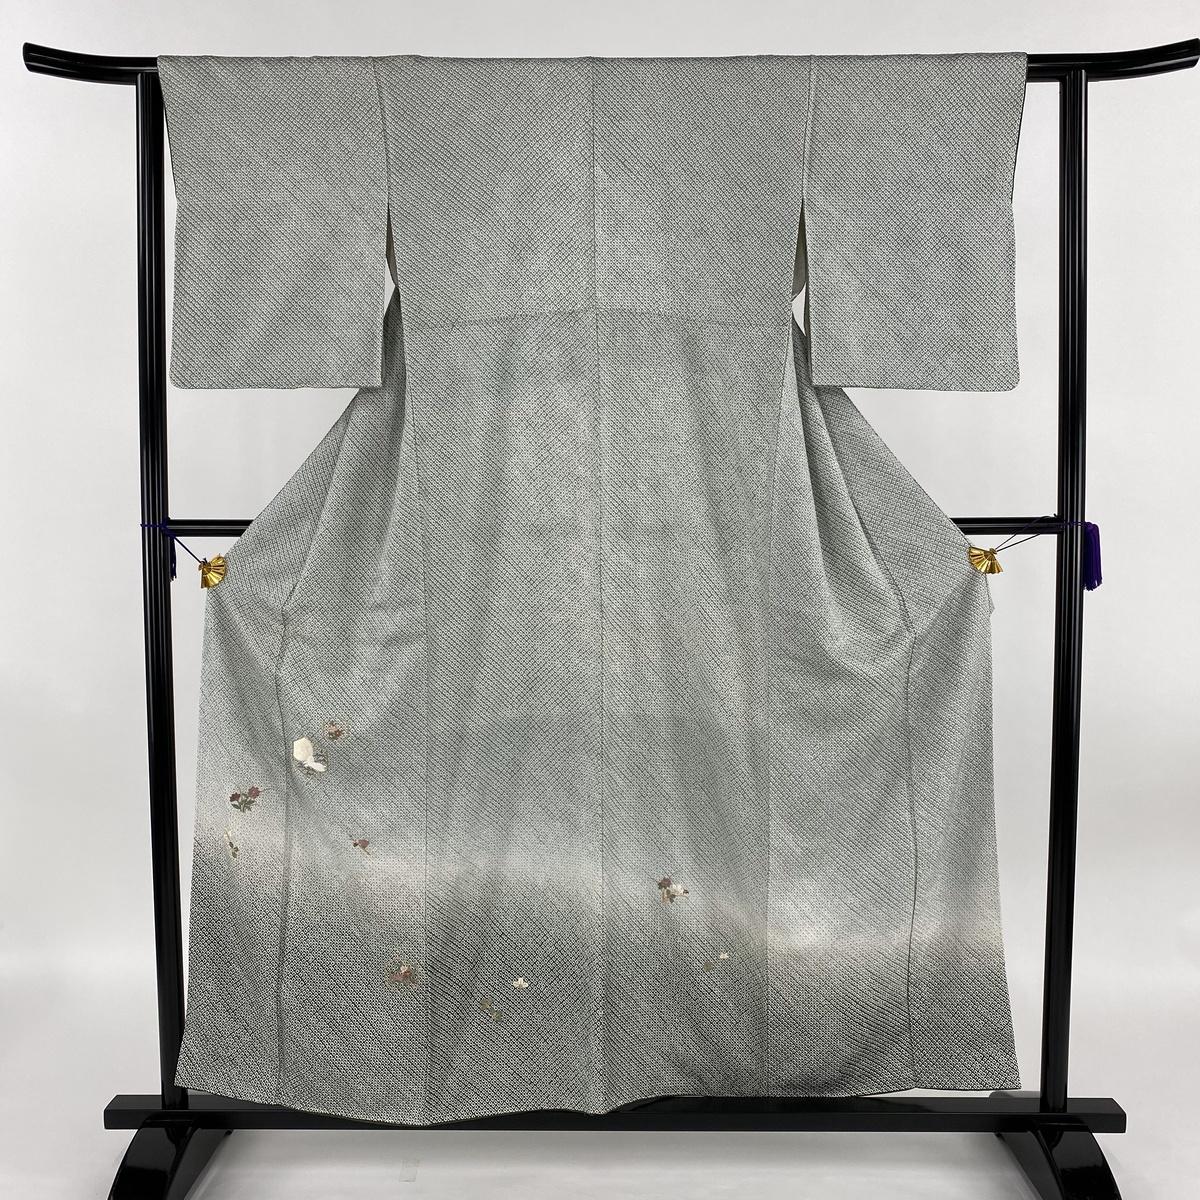 付下げ 美品 秀品 うさぎ 草花 金糸 総絞り 灰緑 袷 身丈157.5cm 裄丈60cm S 正絹 【中古】